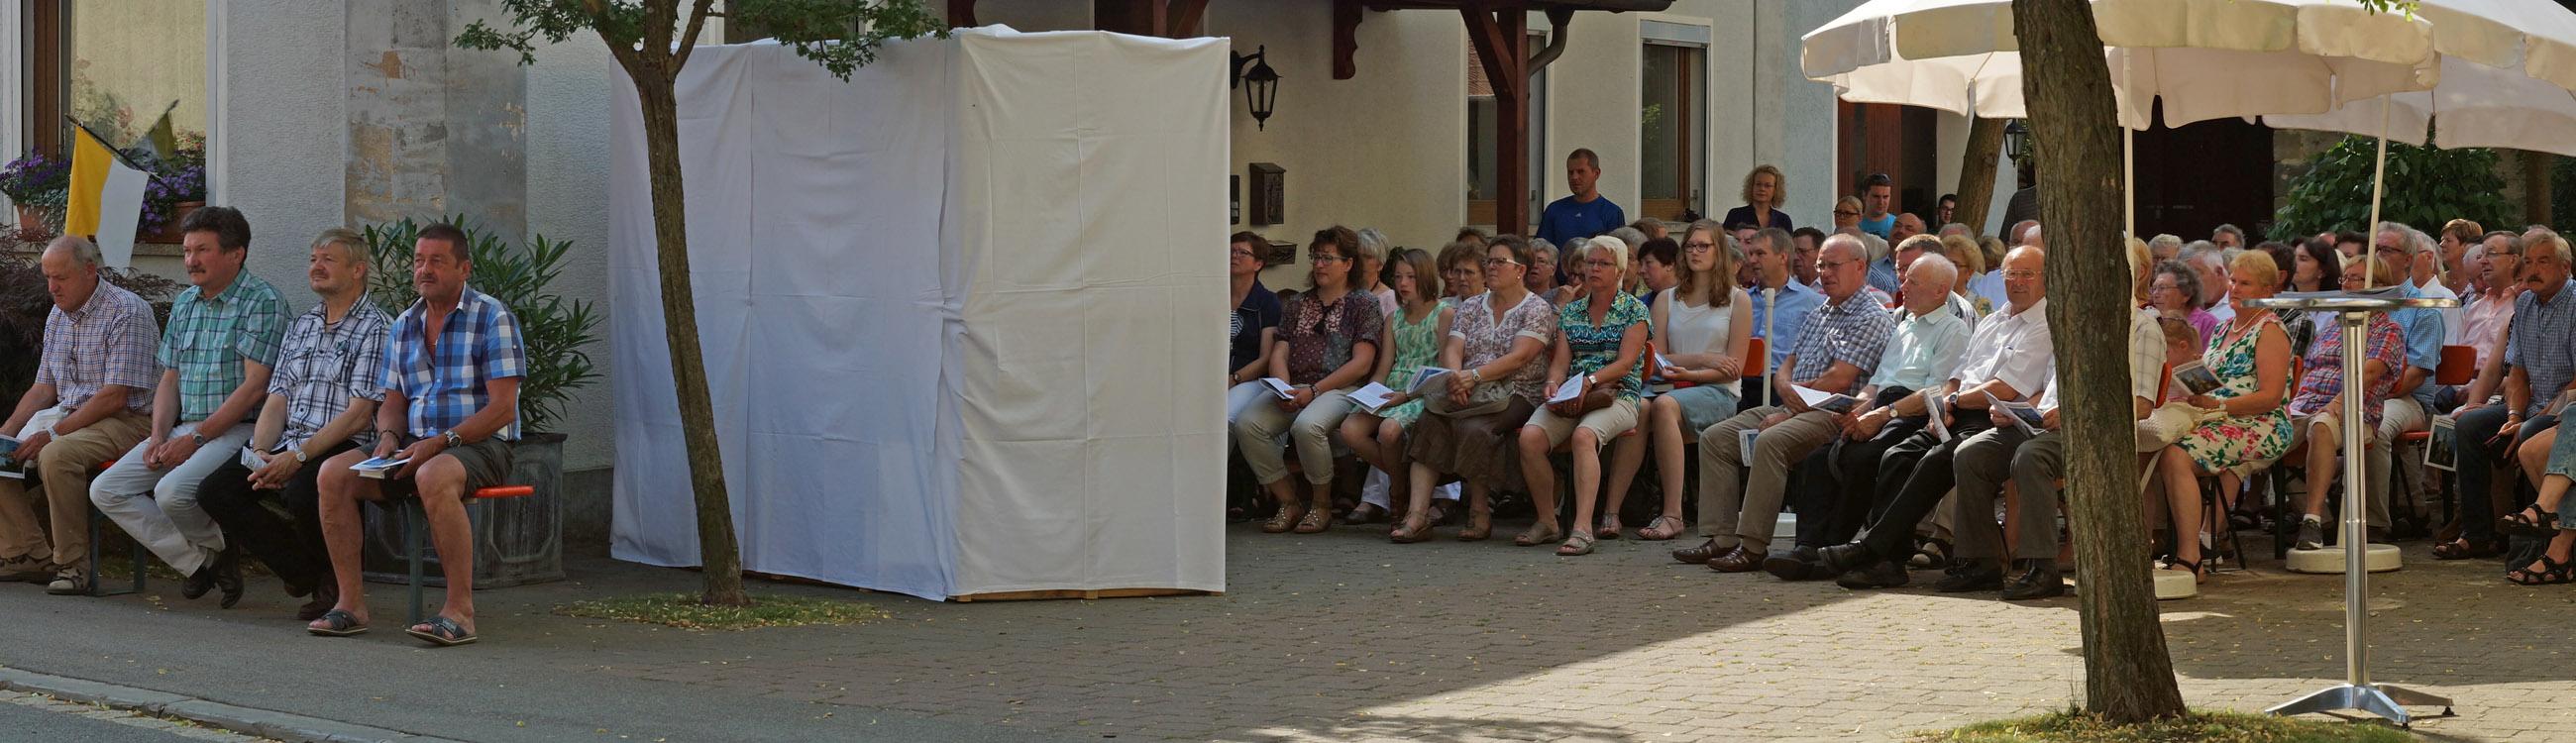 300 Jahre Kirche Hohengüßbach 2015 2